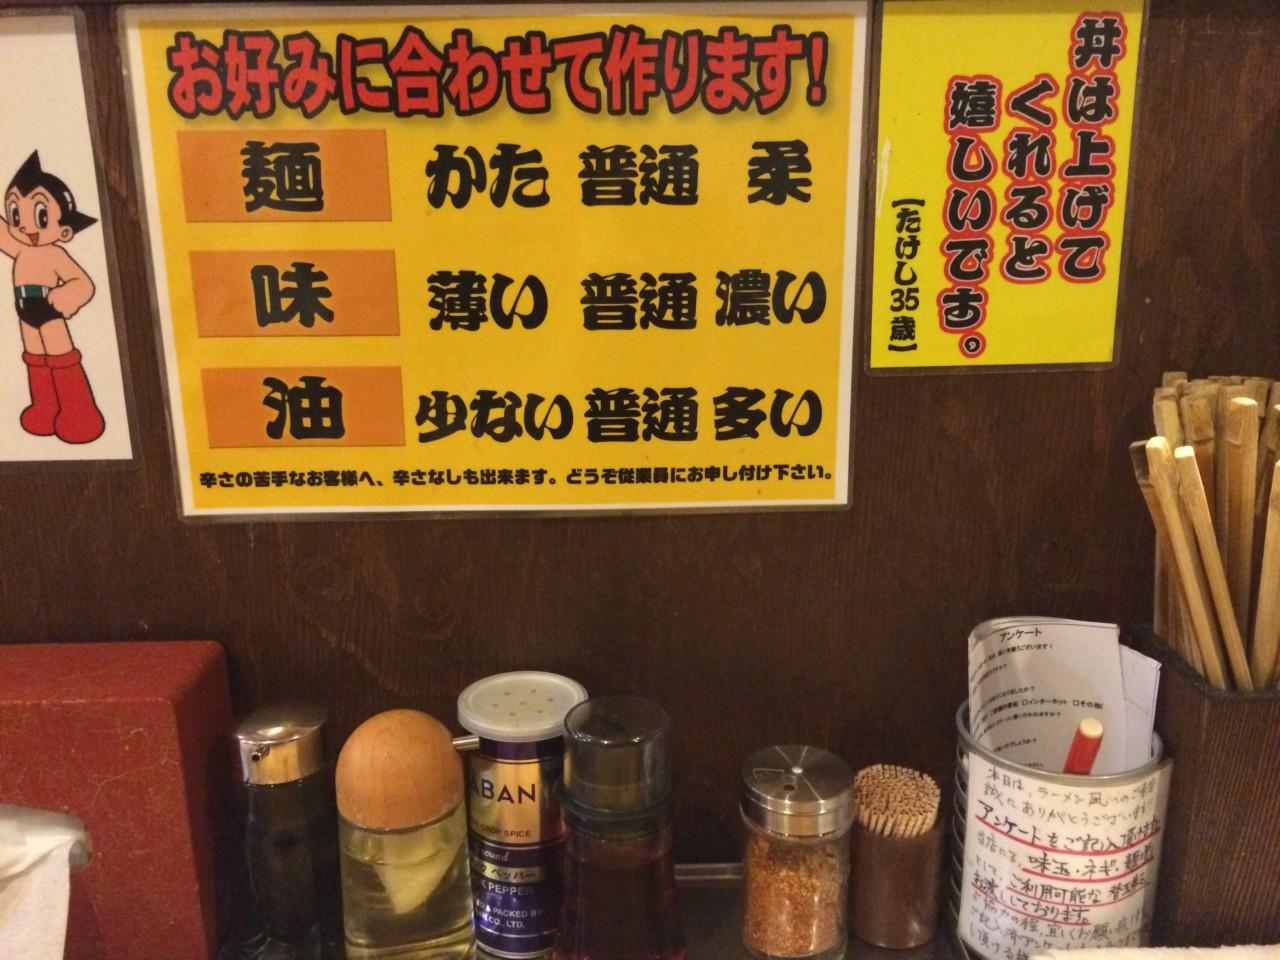 ラーメン凪煮干王in渋谷